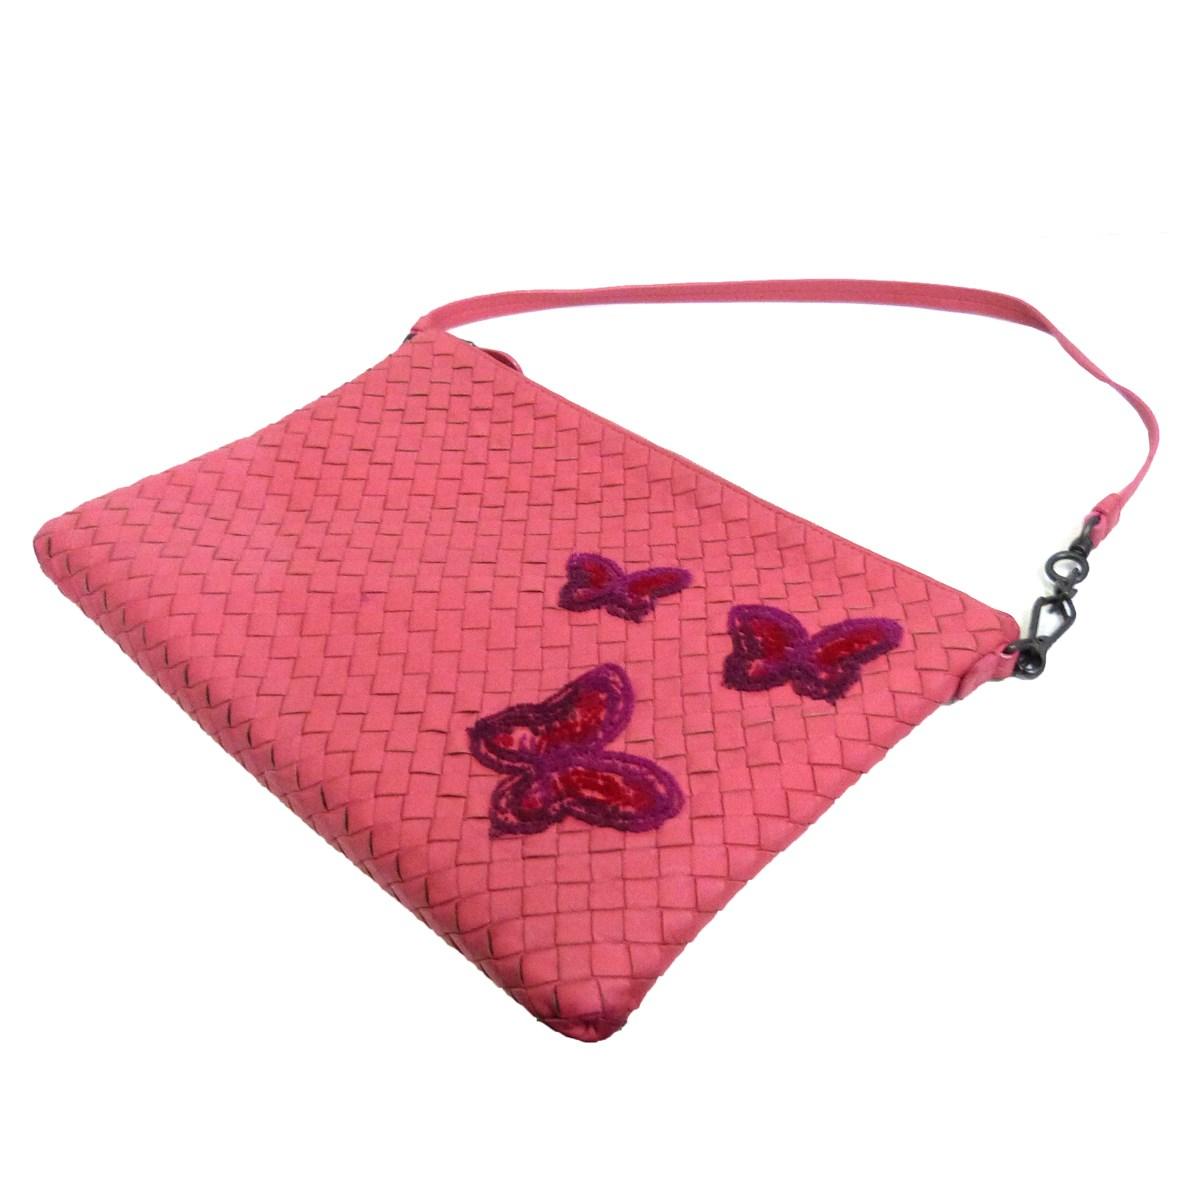 【中古】BOTTEGA VENETAバタフライ刺繍イントレチャートクラッチバッグ ピンク サイズ:-